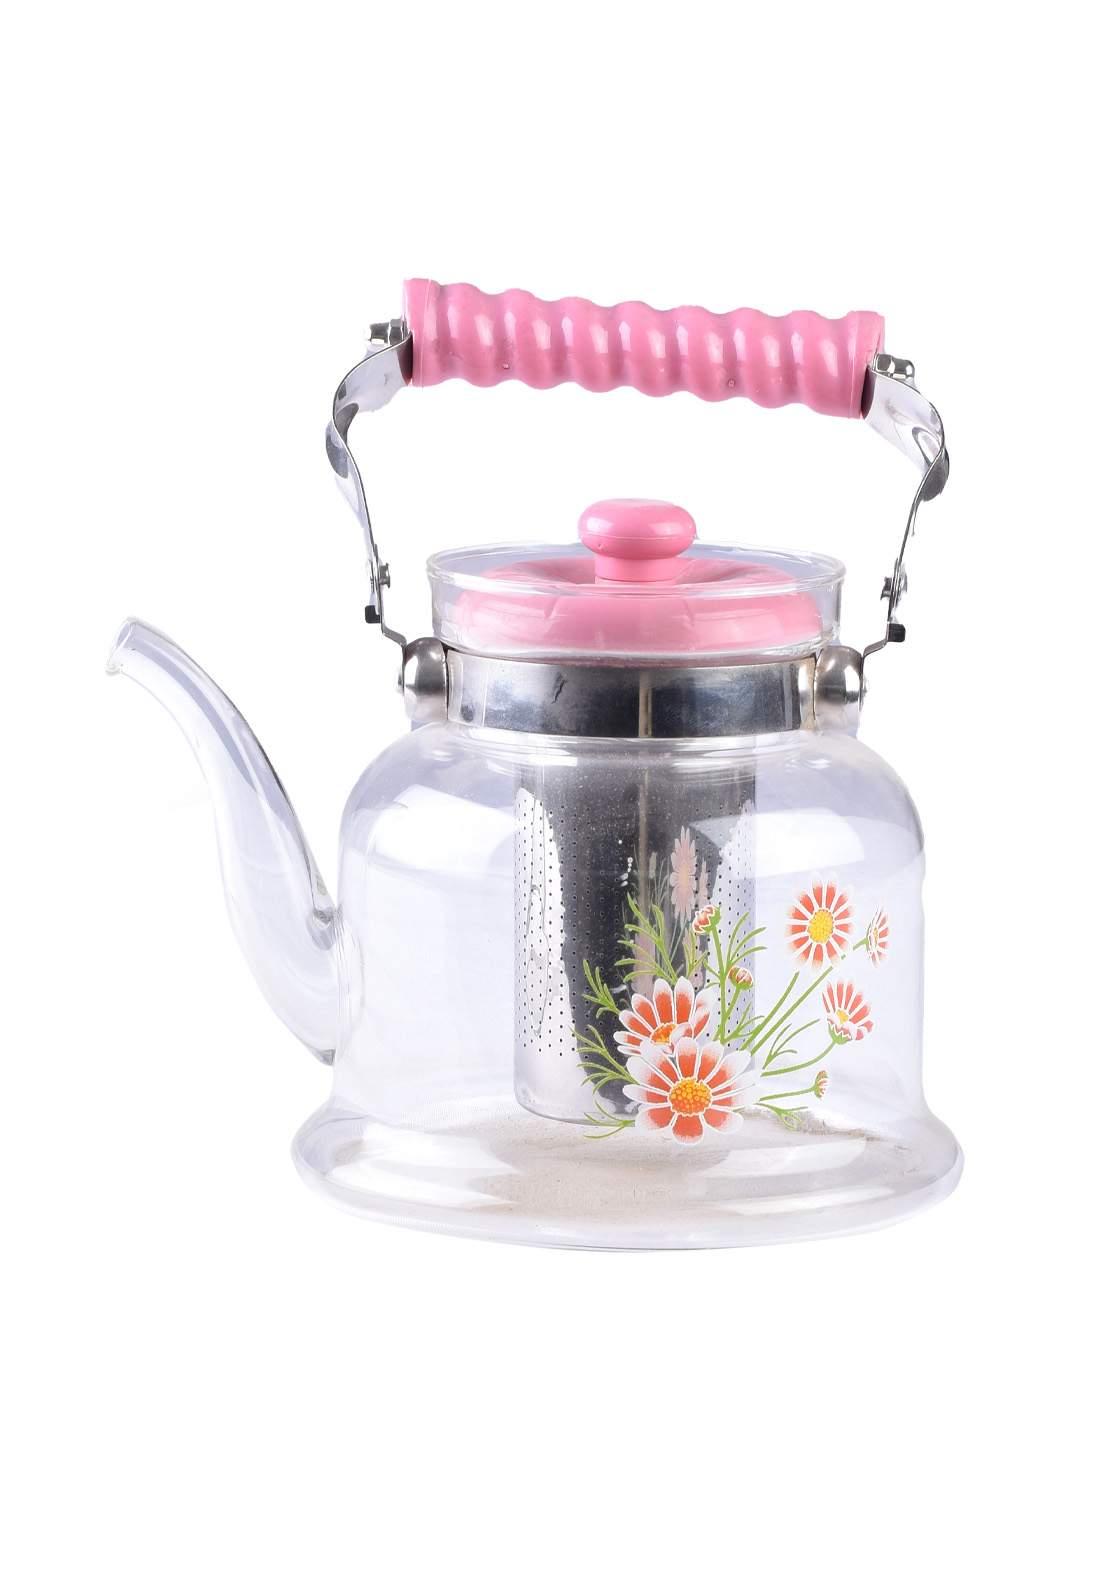 ابريق شاي زجاجي مع مصفي داخلي